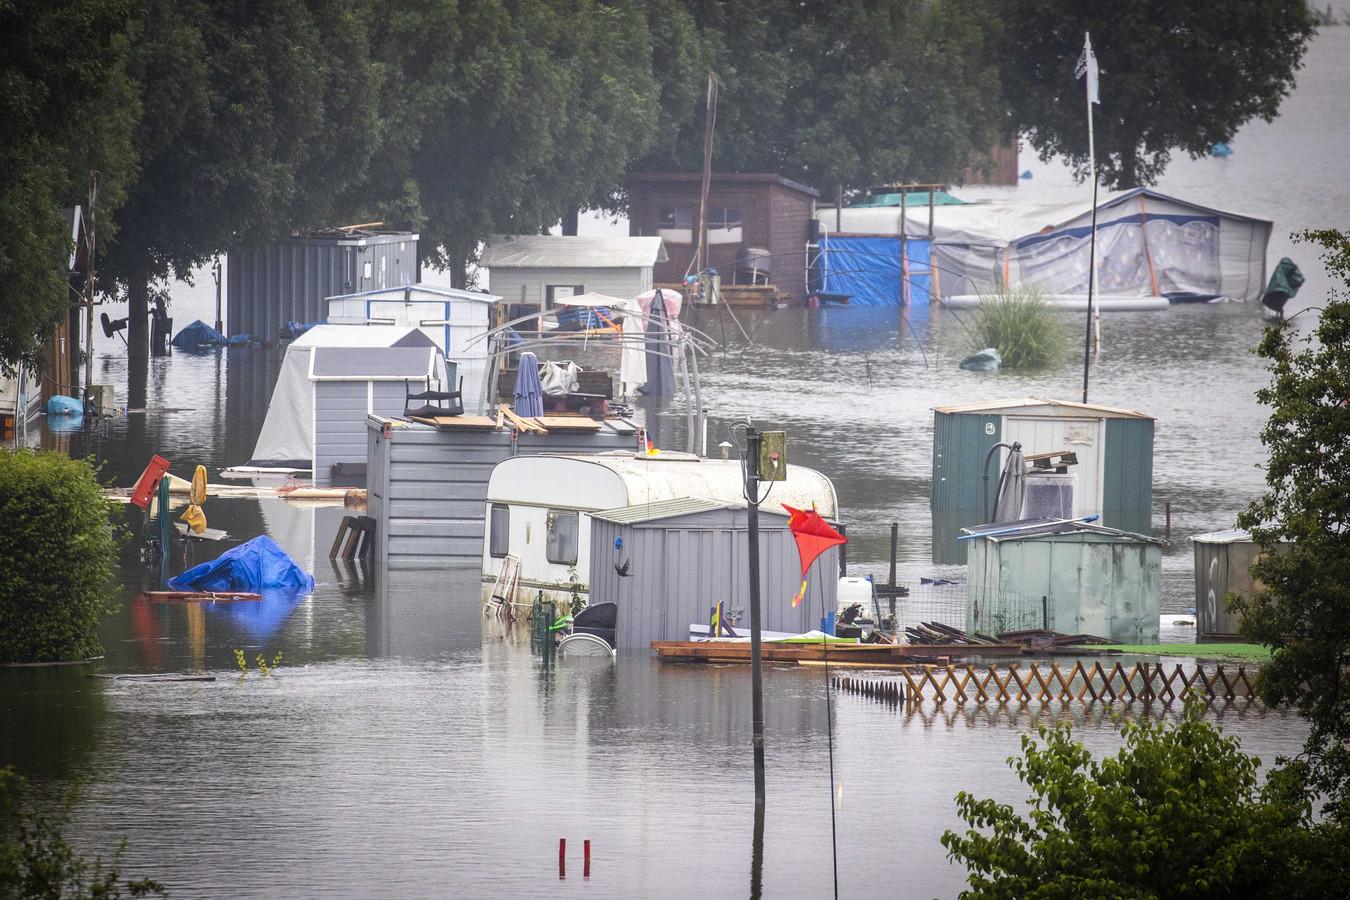 Caravans staan op Camping Hatenboer in het stijgende water in de Maas. Vanwege de hoge waterstand in de rivier ontstaan op veel plekken in Limburg problemen.